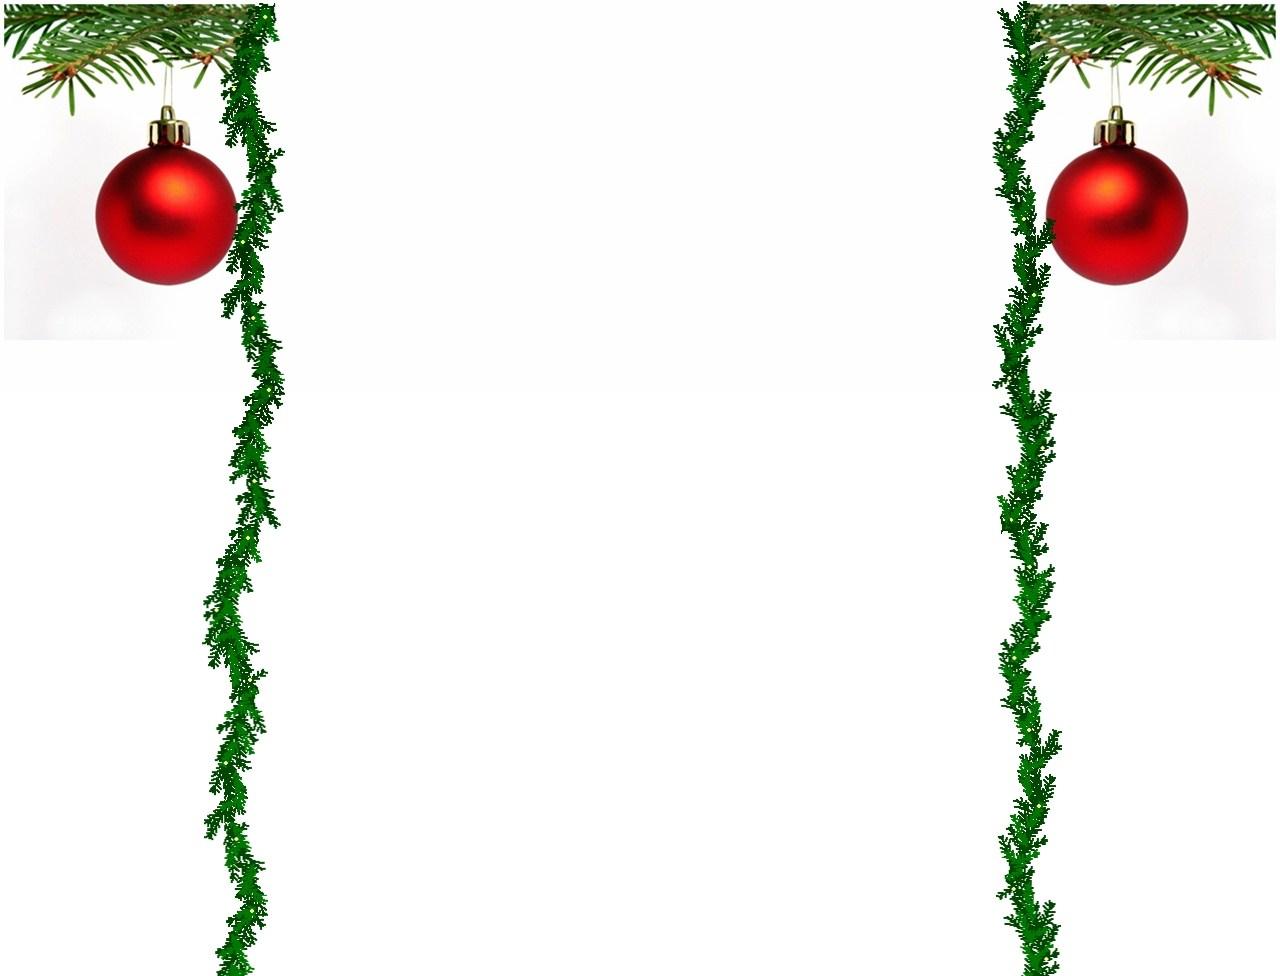 Library Of Graphic Free Download Rahmen Weihnachten Png innen Cliparts Weihnachtsmotive Kostenlos